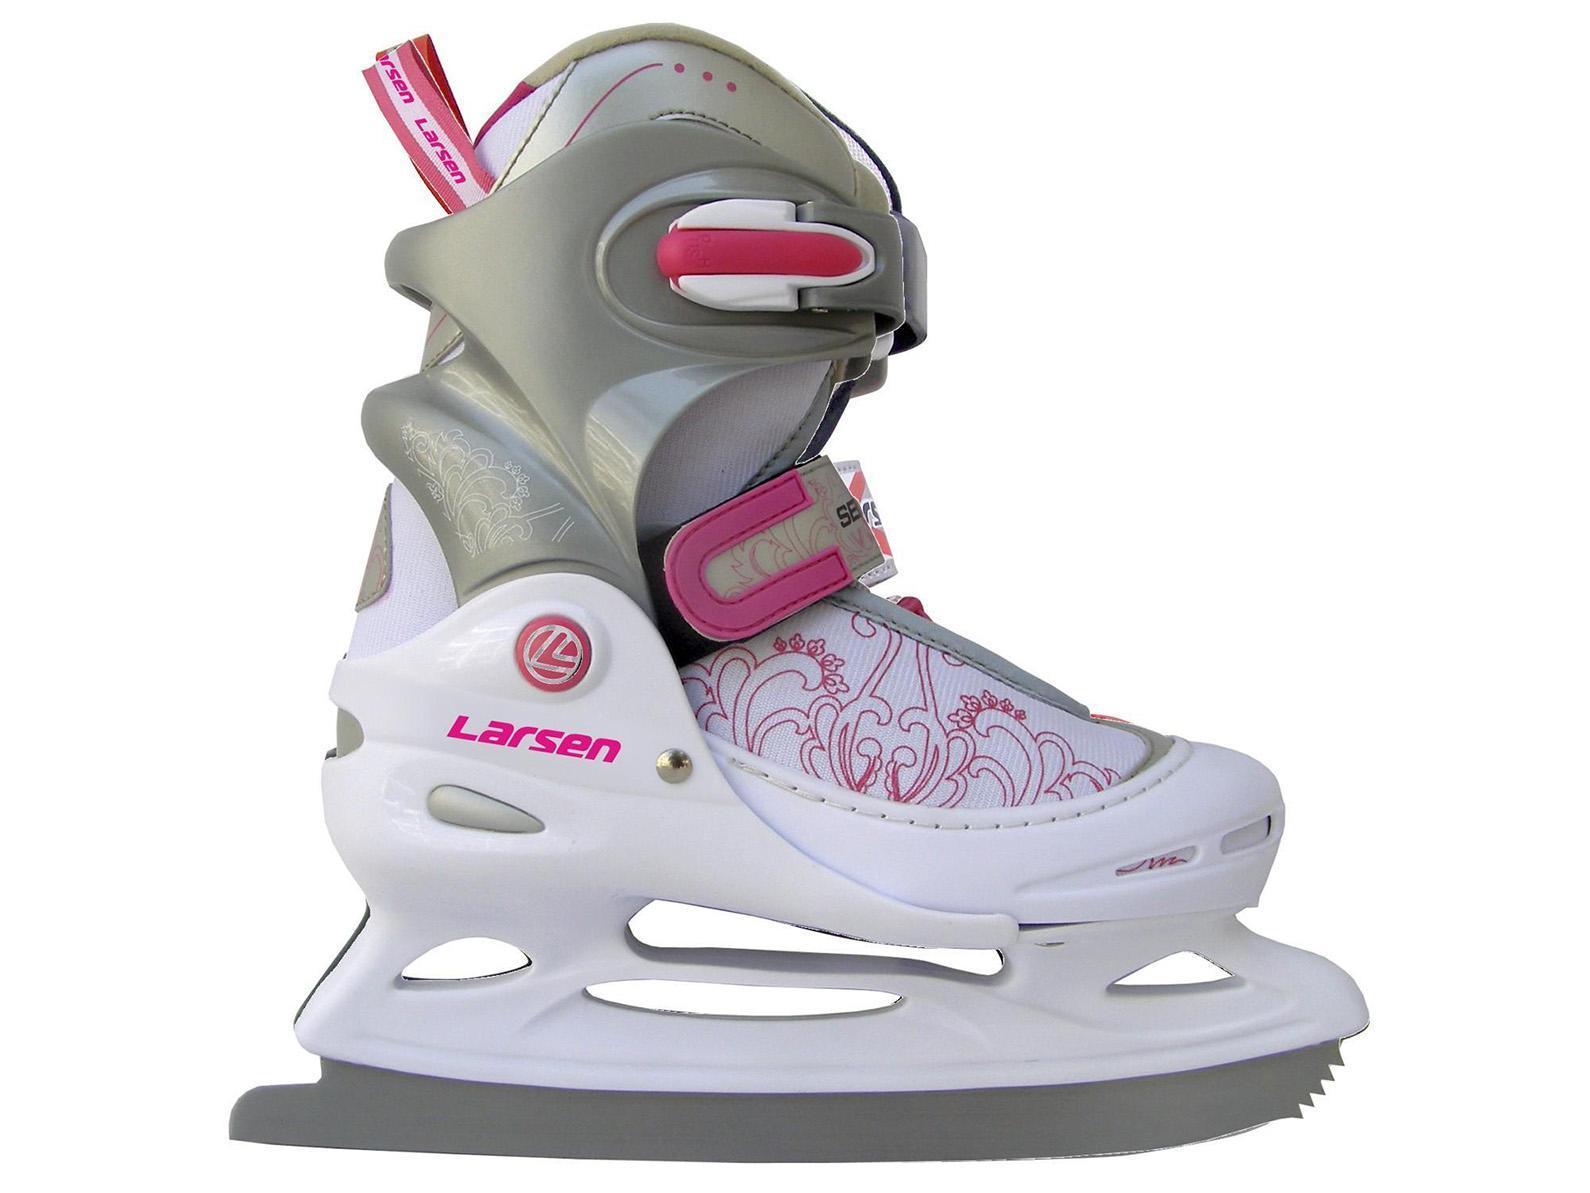 Коньки ледовые детские Larsen, раздвижные, цвет: серый, розовый, белый. Liberty 2014-2015. Размер 30/33